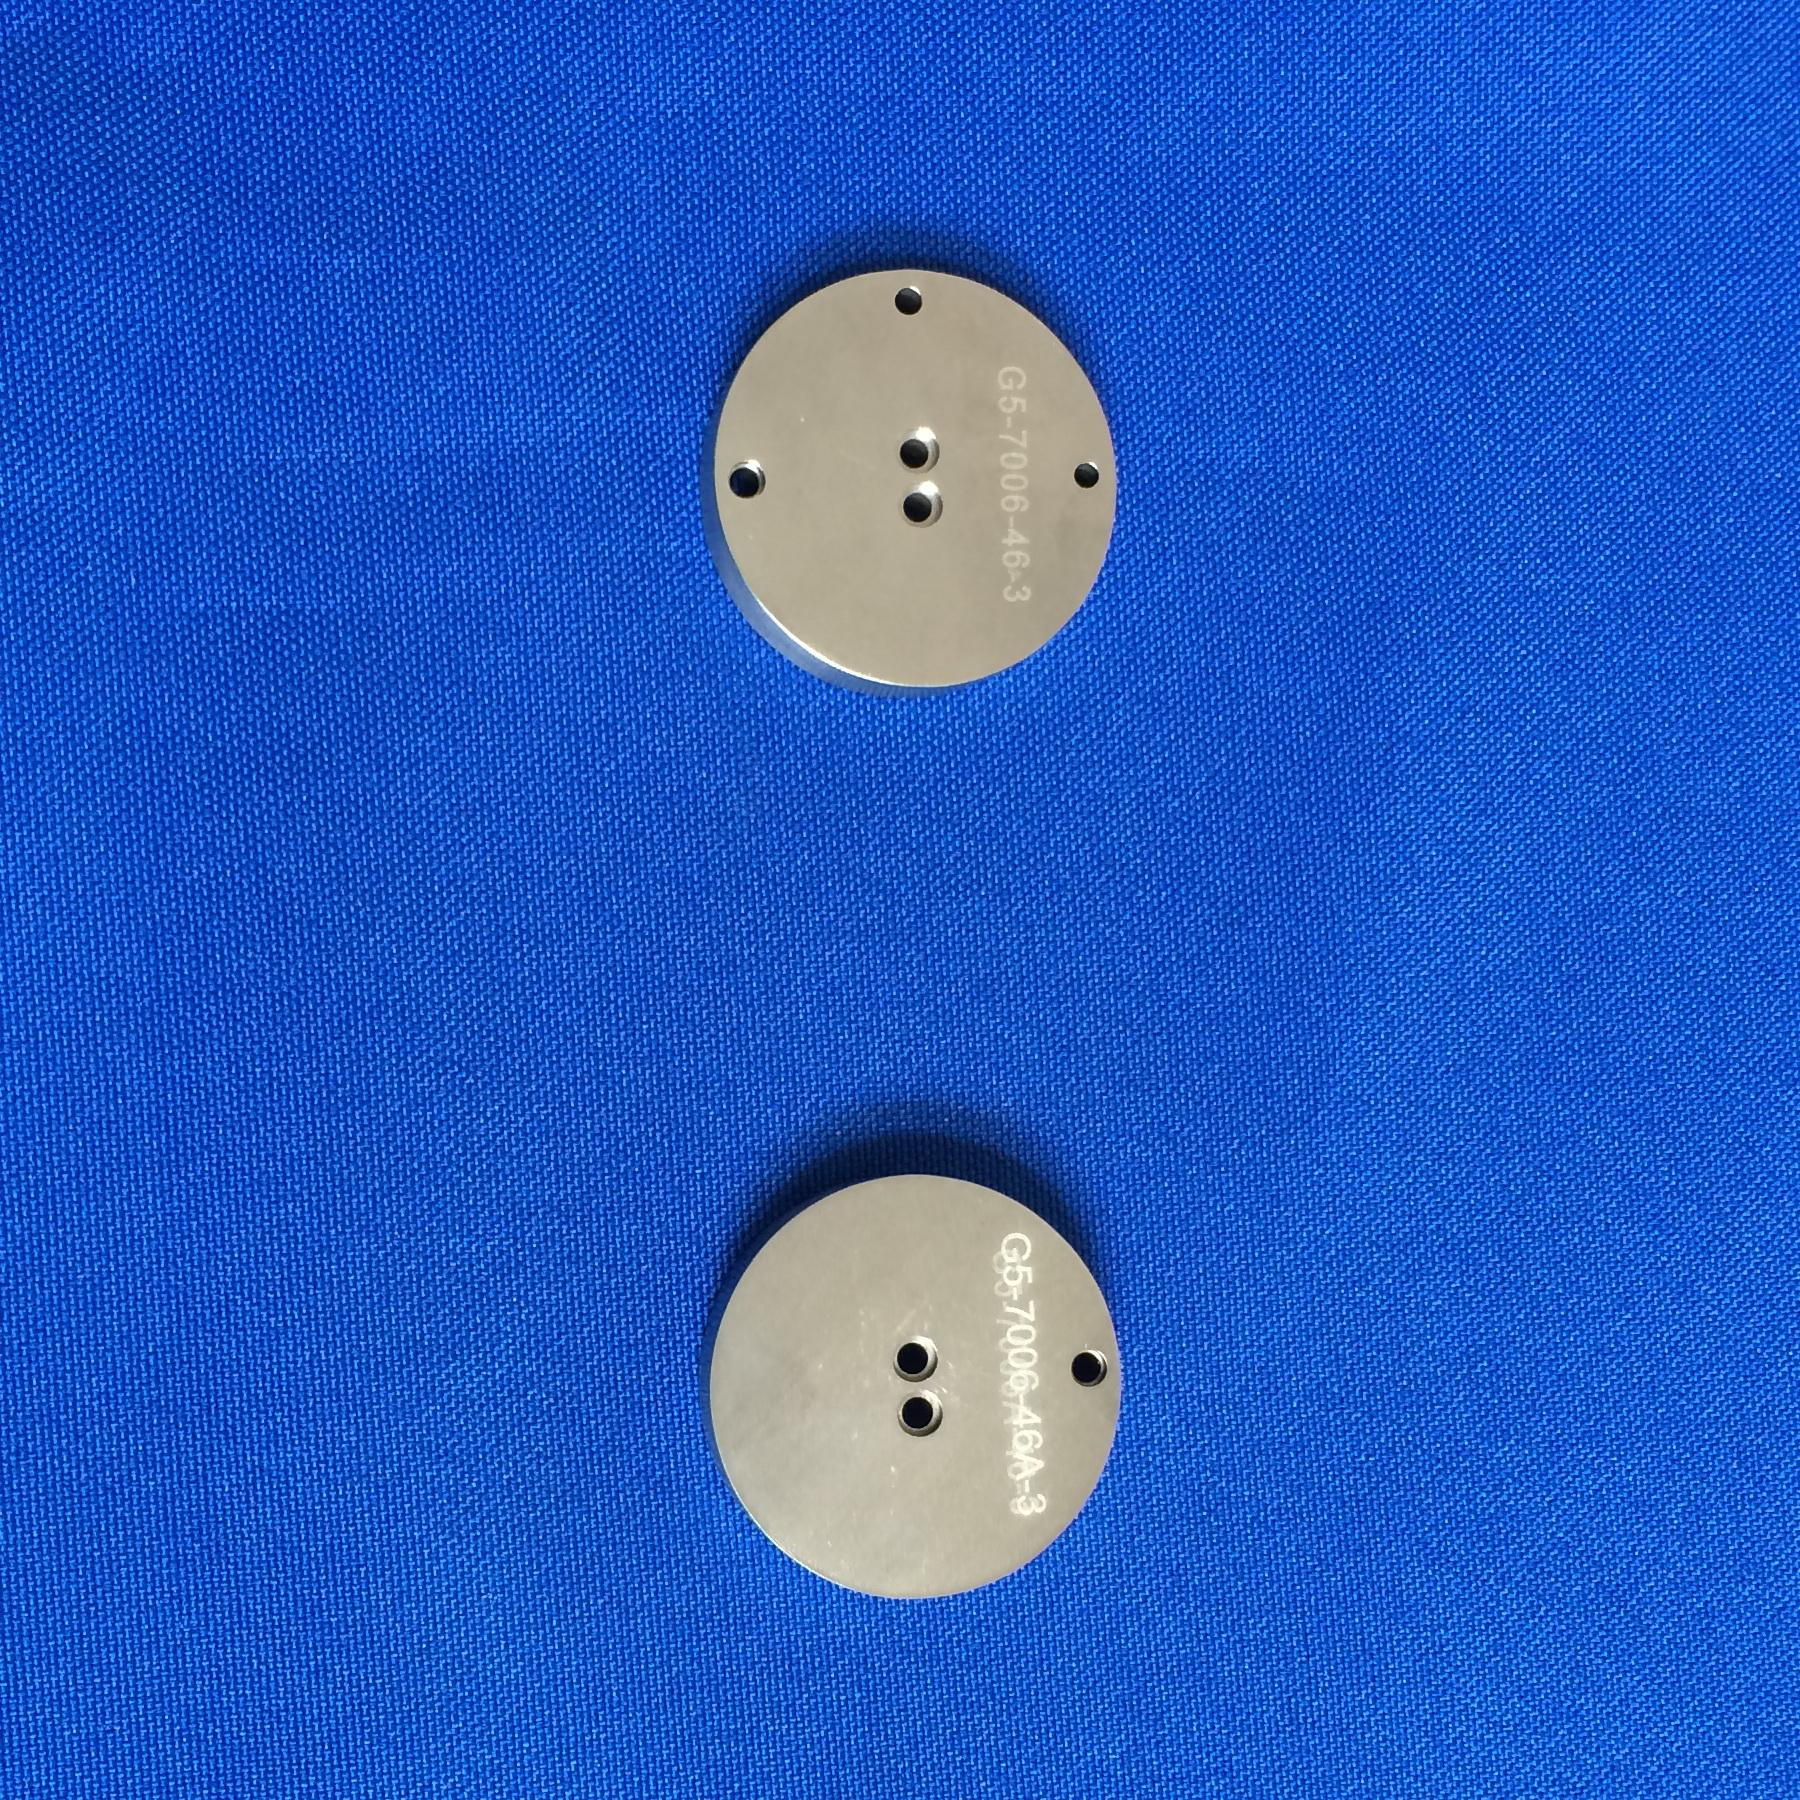 G5雙插腳燈頭通規(圖号7006-46A-3)